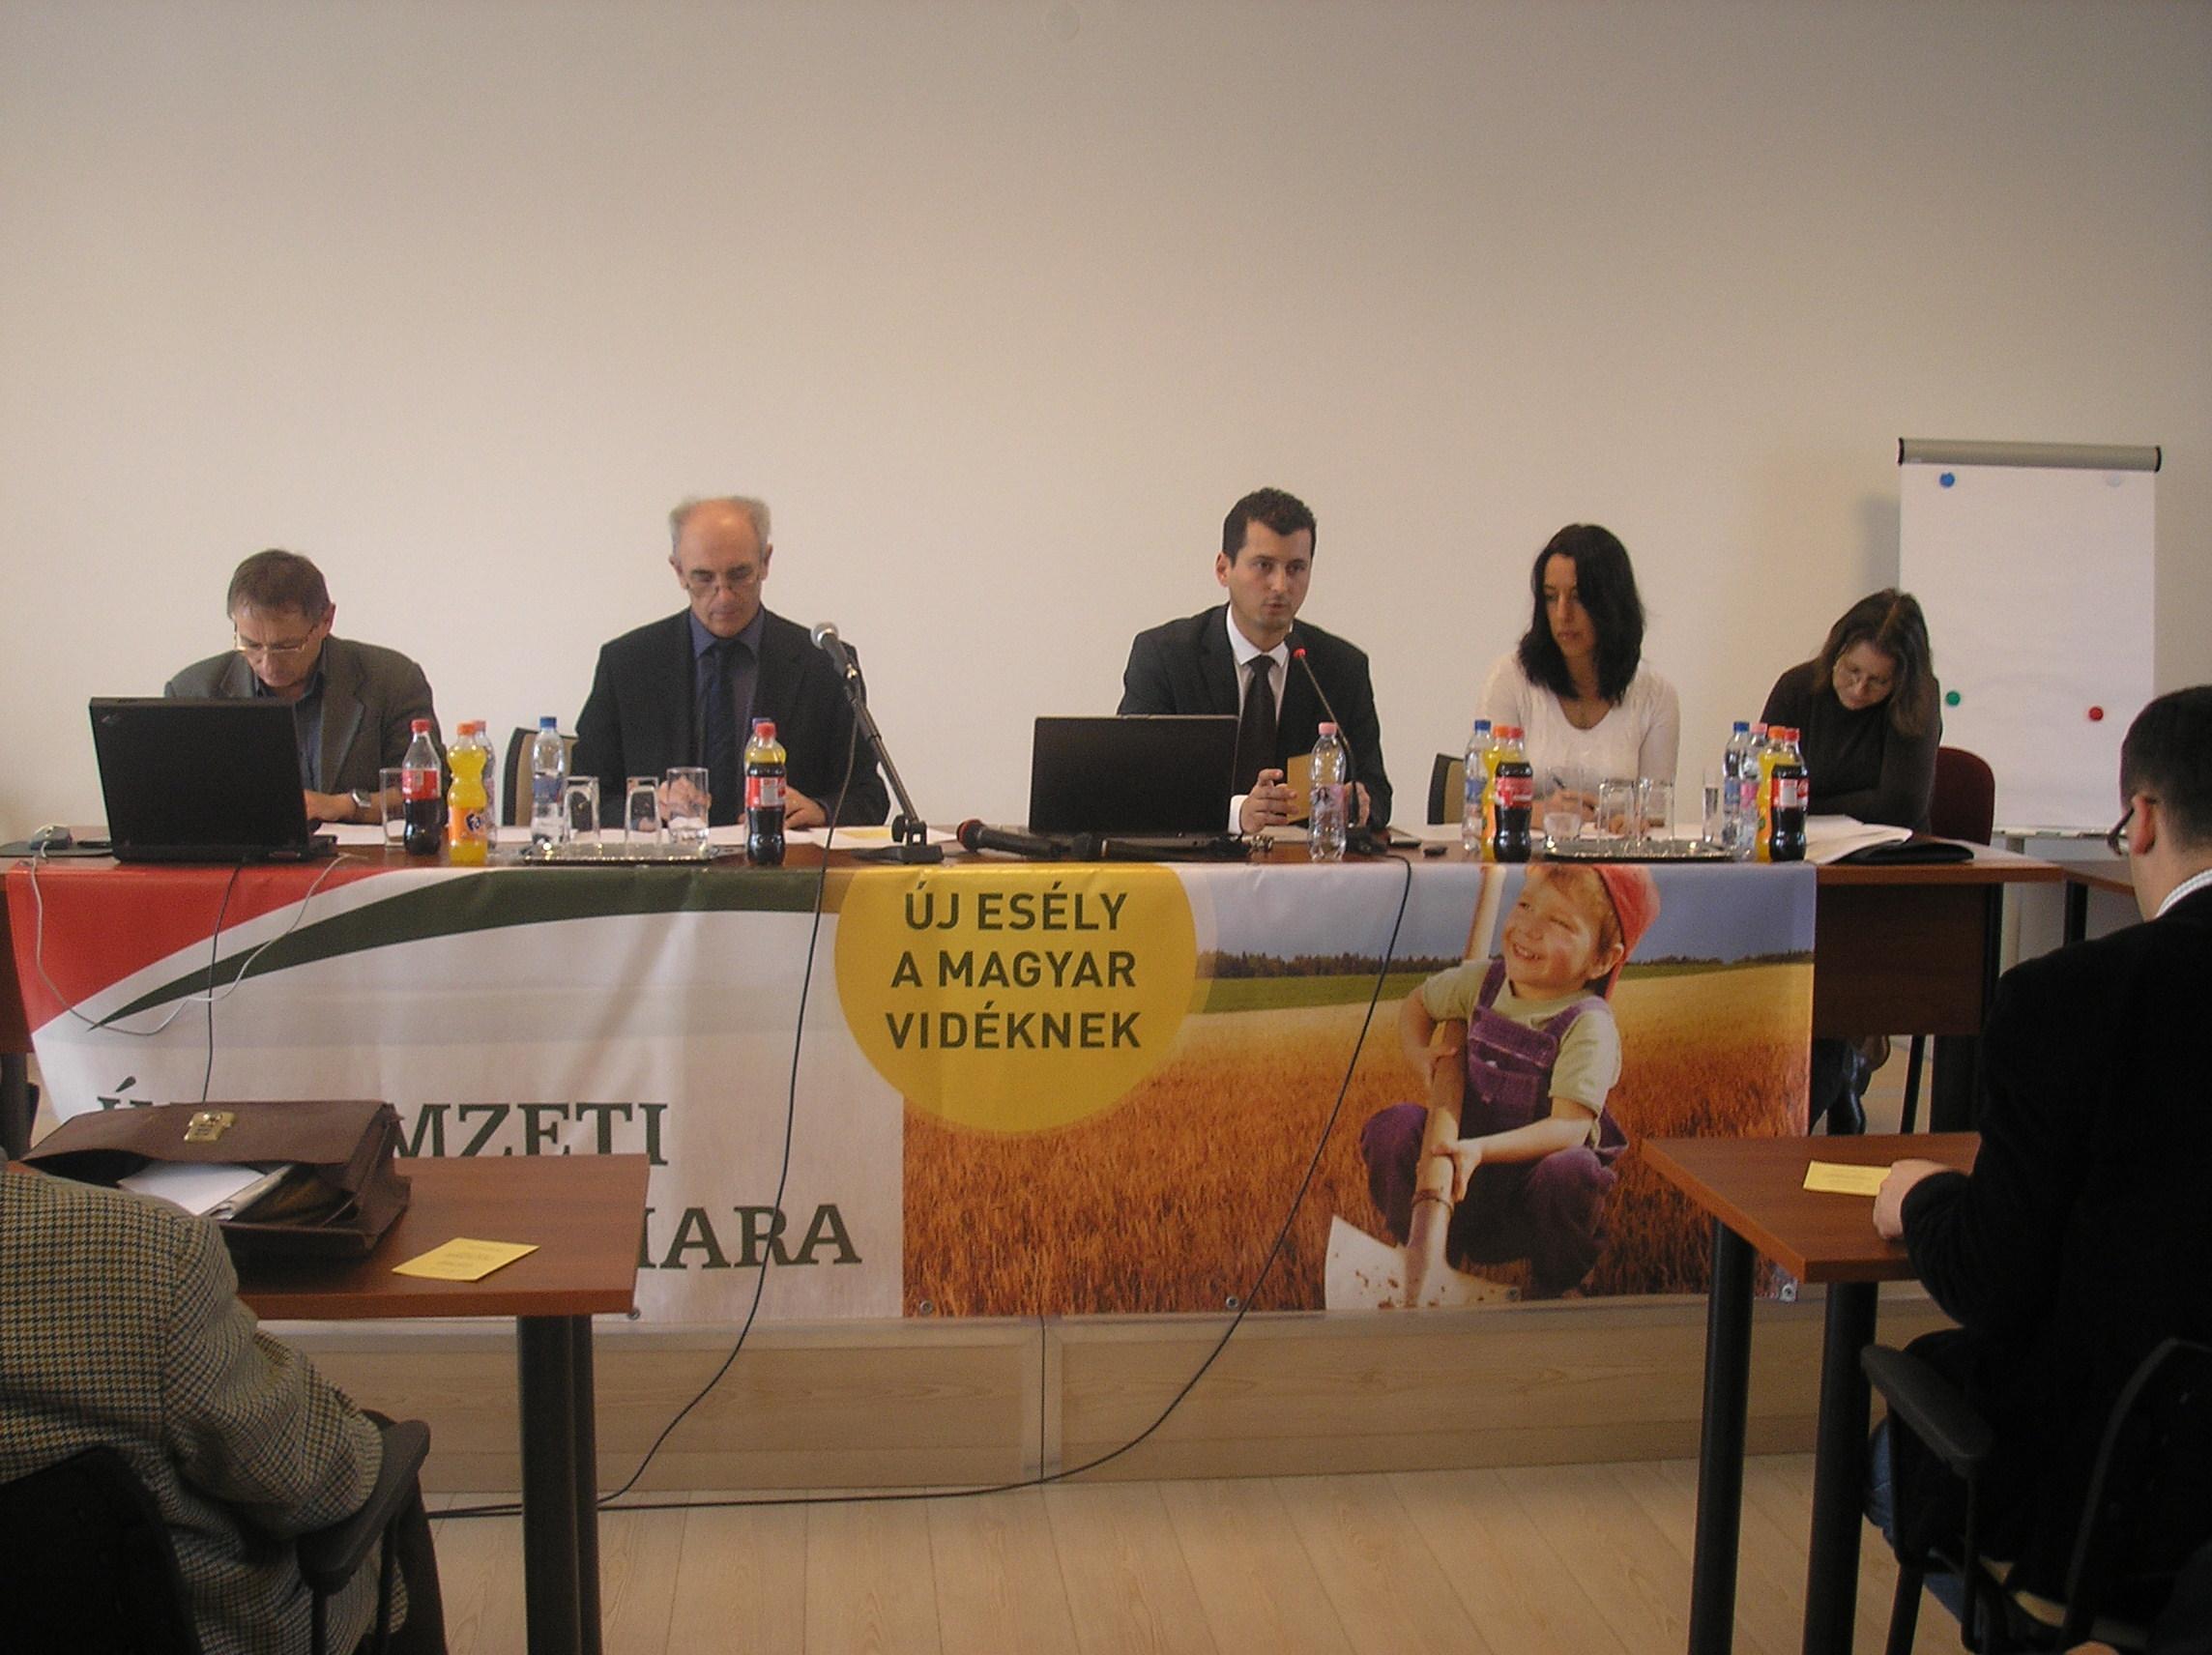 Dunaharaszti - Az új Magyar Agrár-, Élelmiszergazdasági és Vidékfejlesztési Kamara Budapest- Pest megyei alakuló ülése